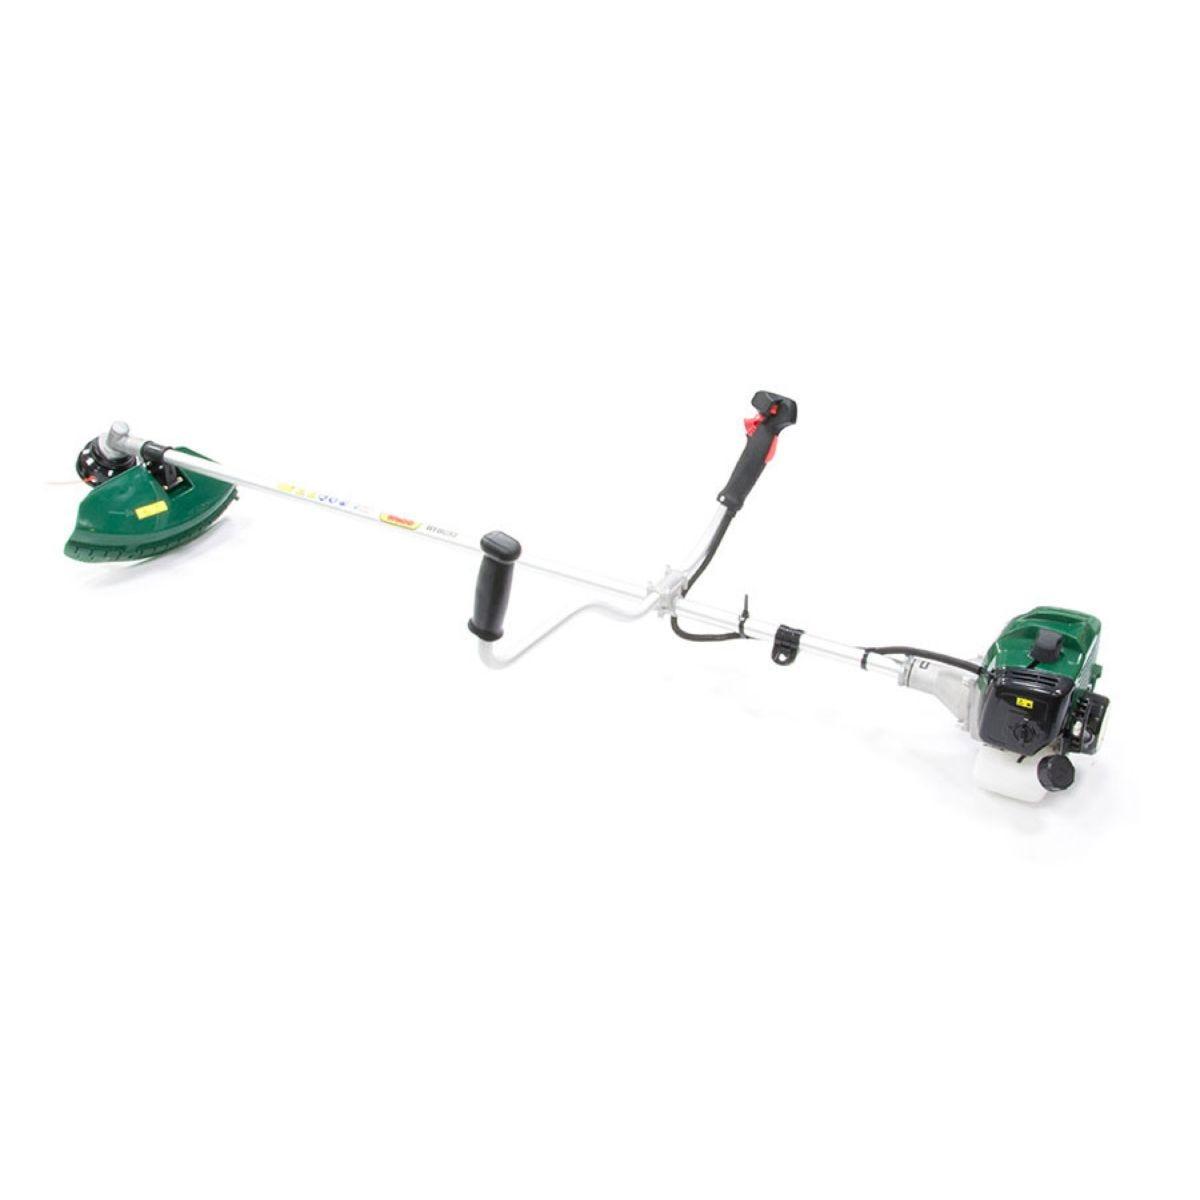 Webb BC33 33cc 2-Stroke Petrol Brushcutter